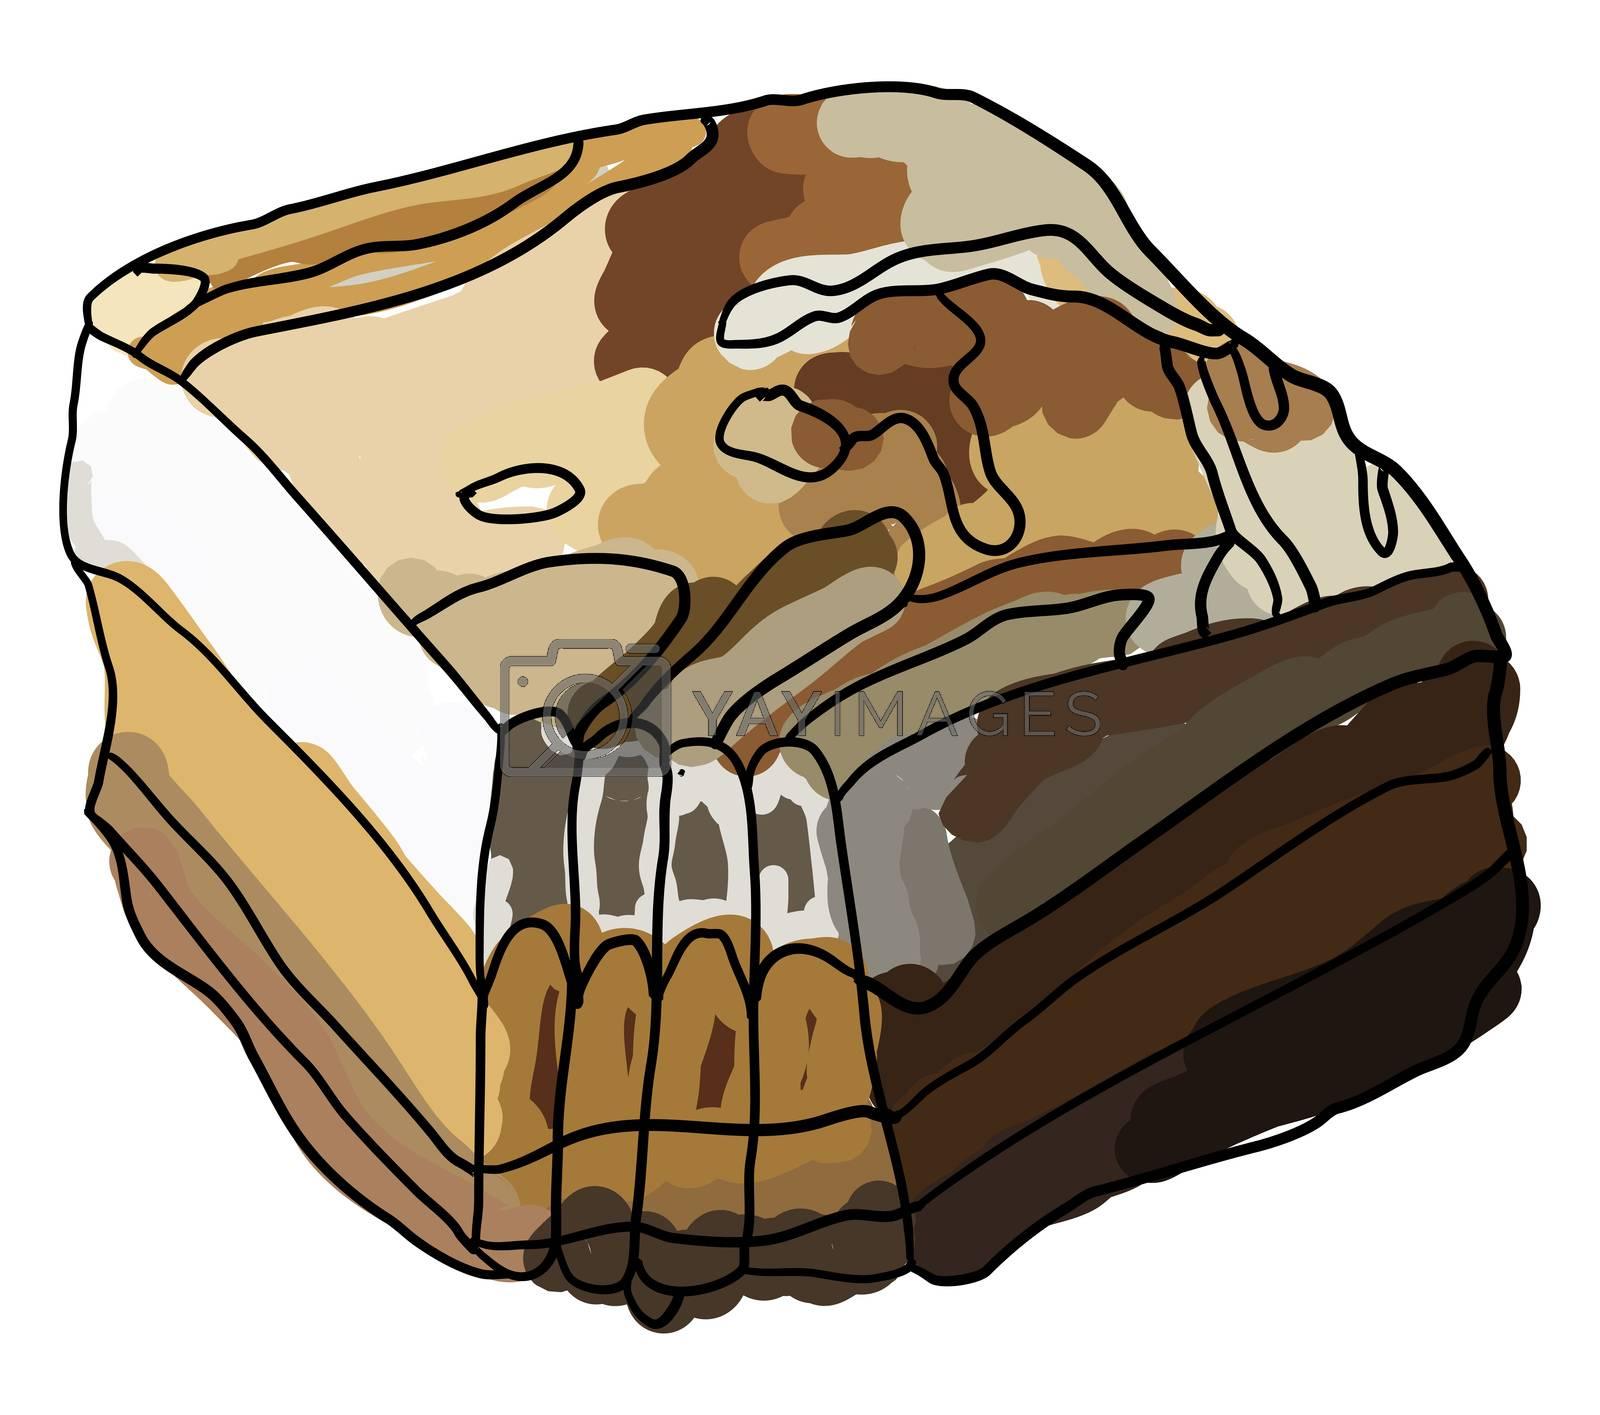 Sweet potato pie, illustration, vector on white background by Morphart